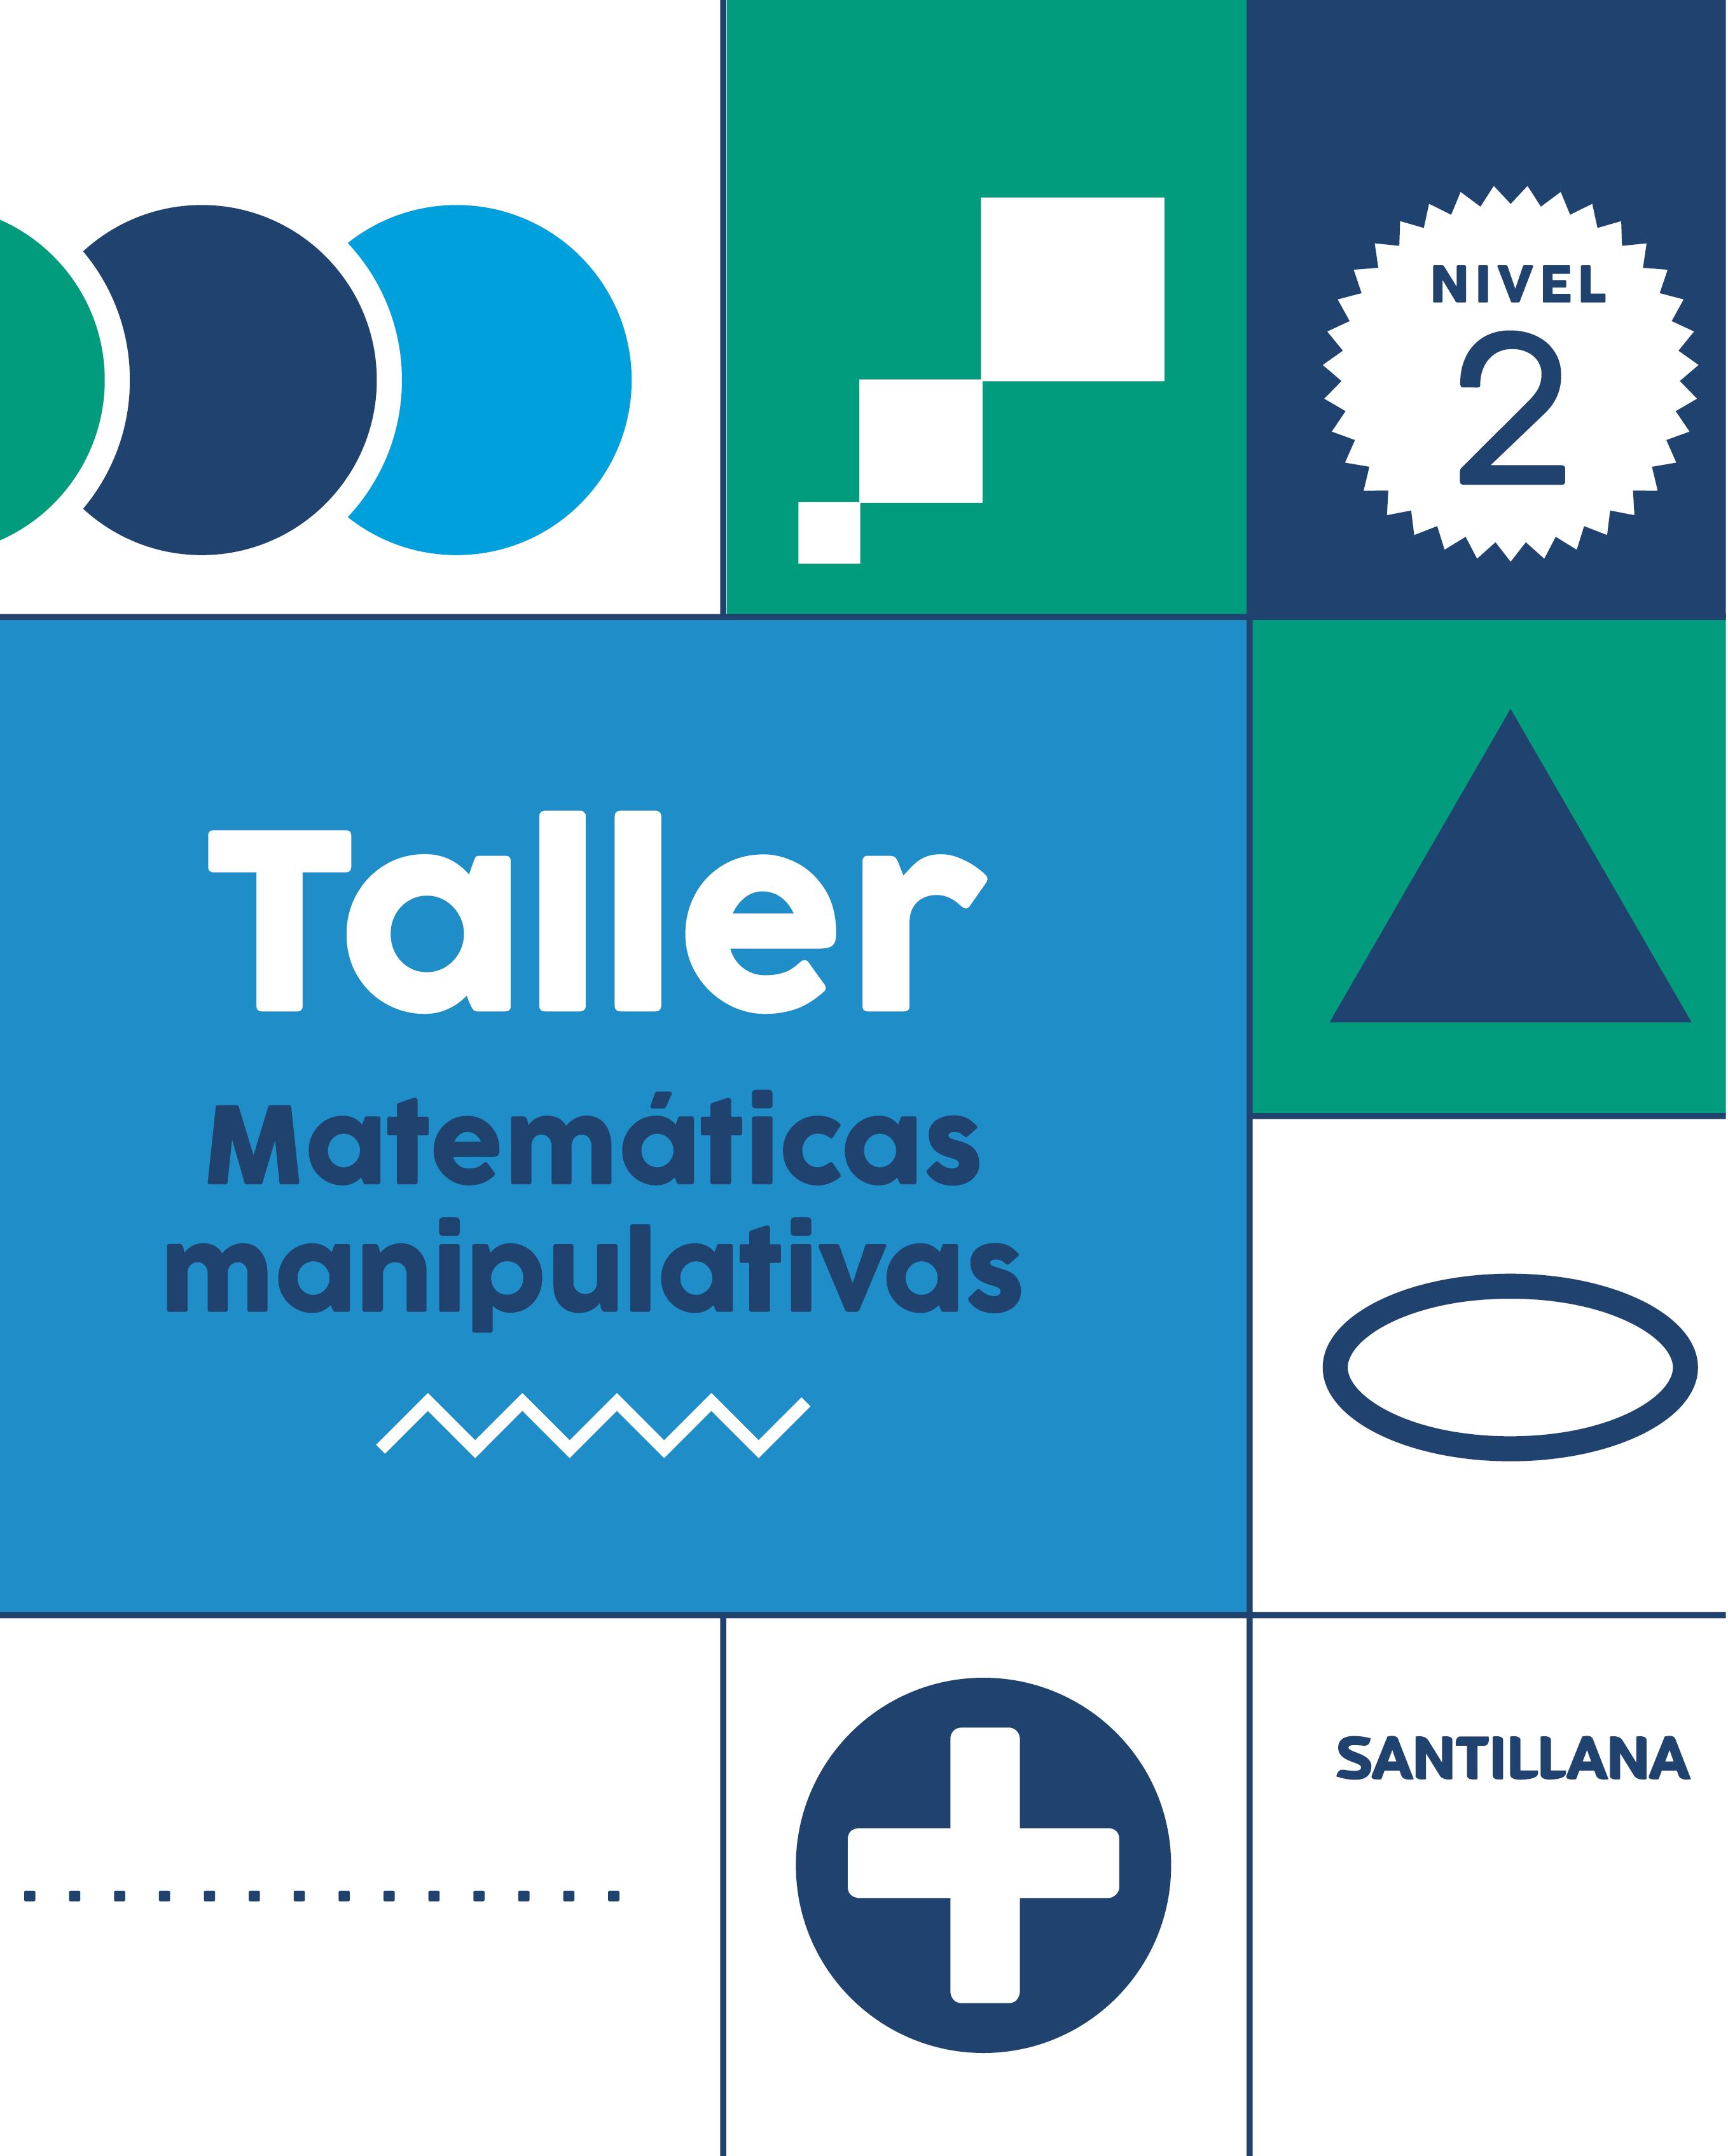 Santillana App Alumno Taller Matemáticas Manipulativas Nivel 2 App